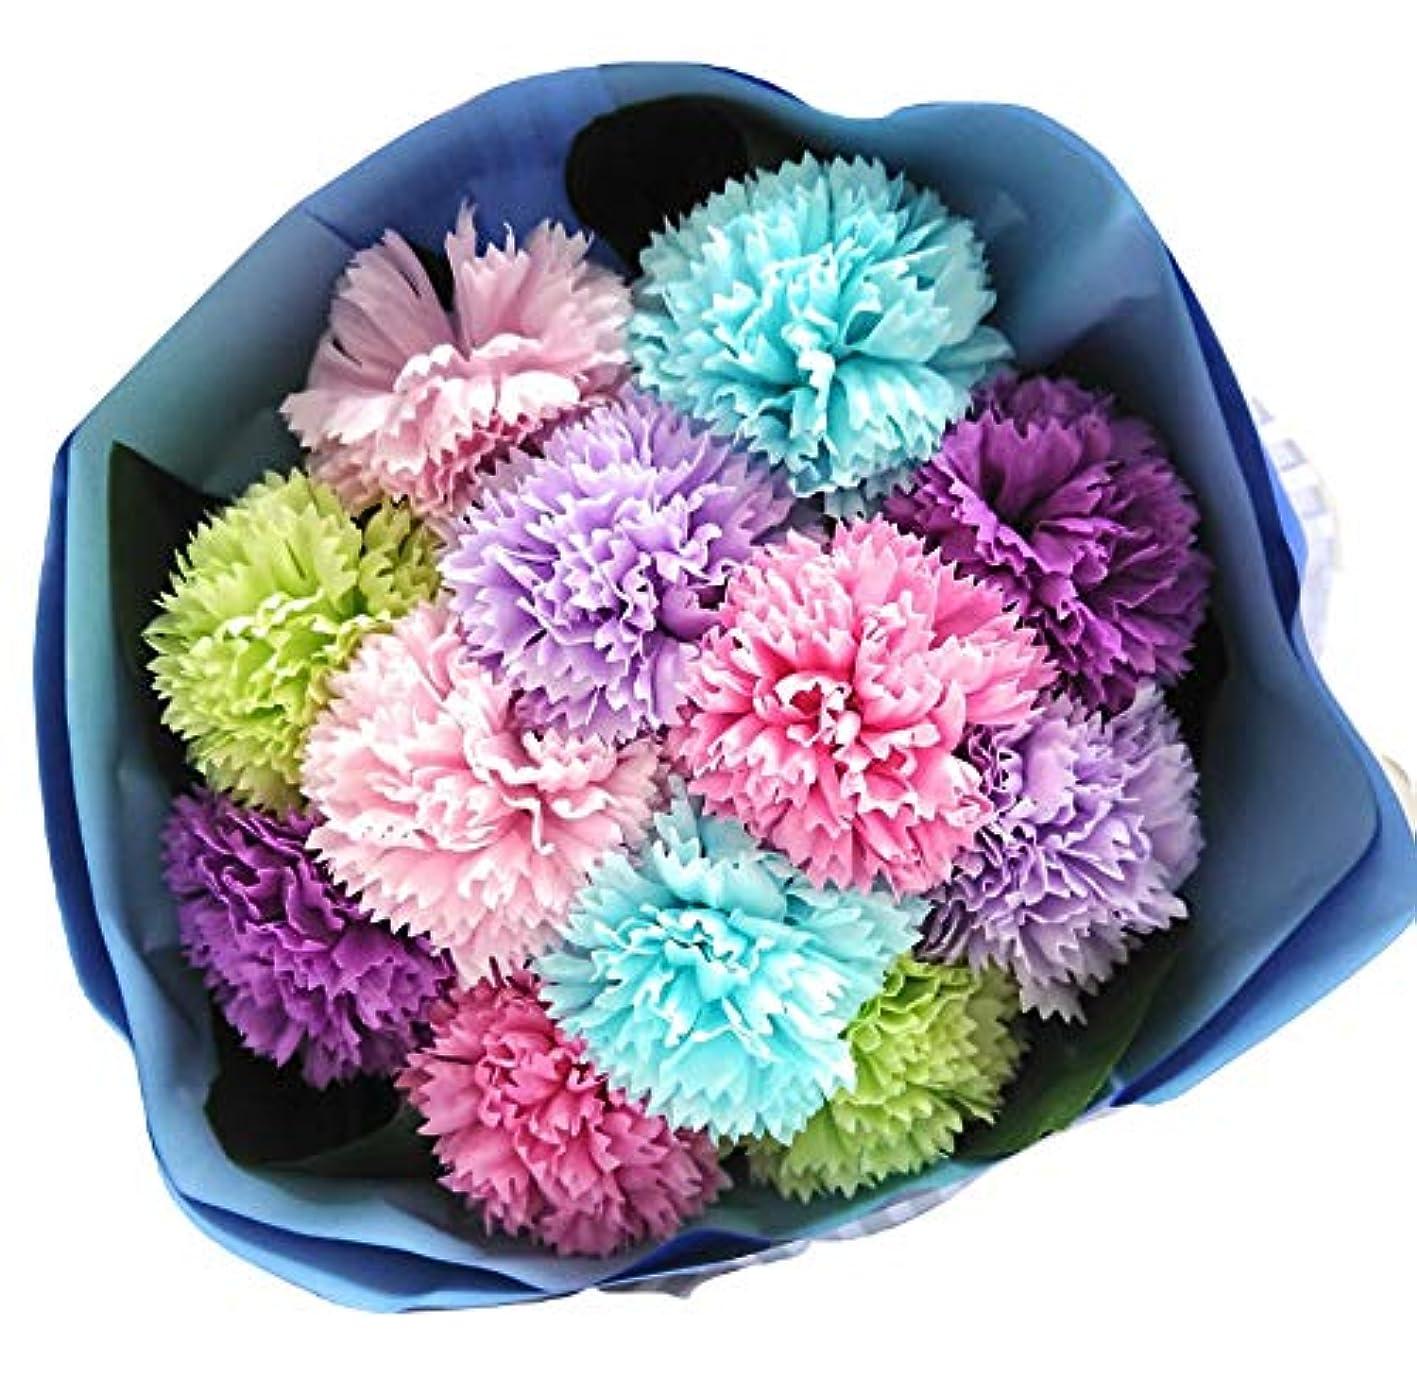 櫛支給黙認するバスフレグランス バスフラワー カーネーションブーケ 母の日 ギフト お花の形の入浴剤 (MIX)